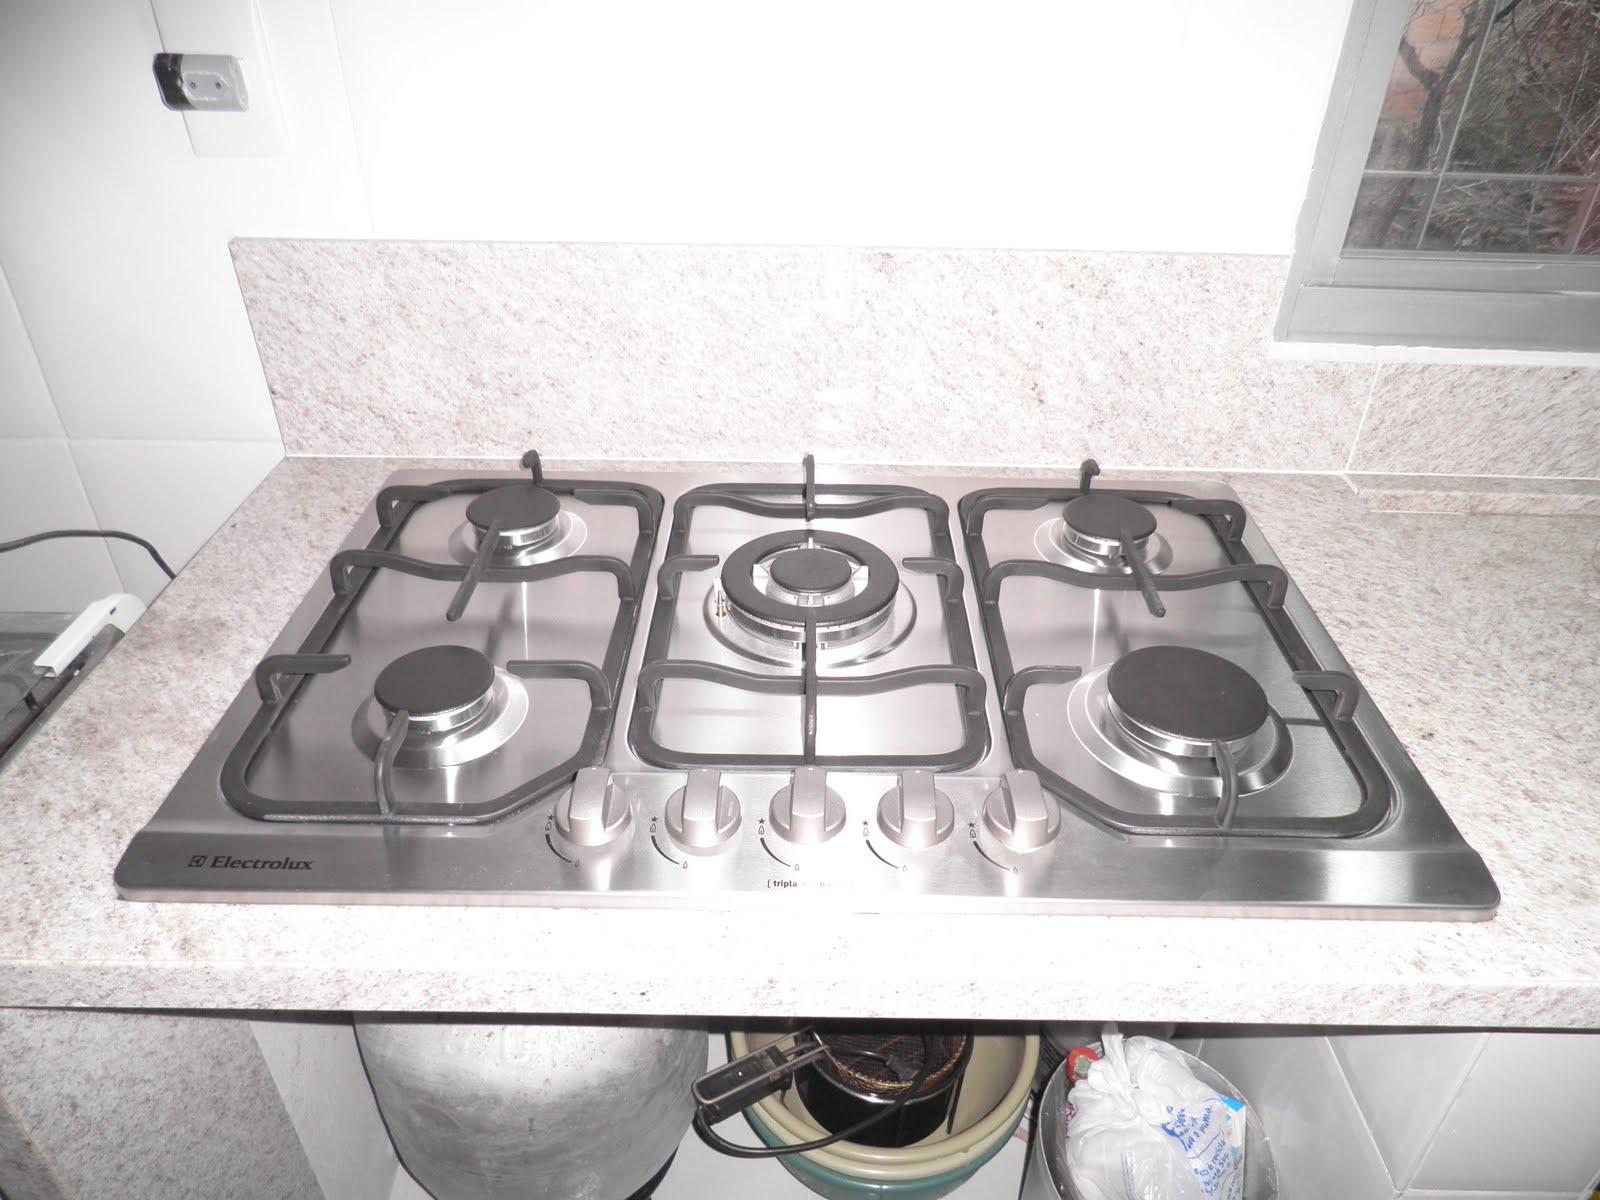 Gostei do resultado e fiquei ansiosa pra ver a cozinha toda pronta  #4F627C 1600x1200